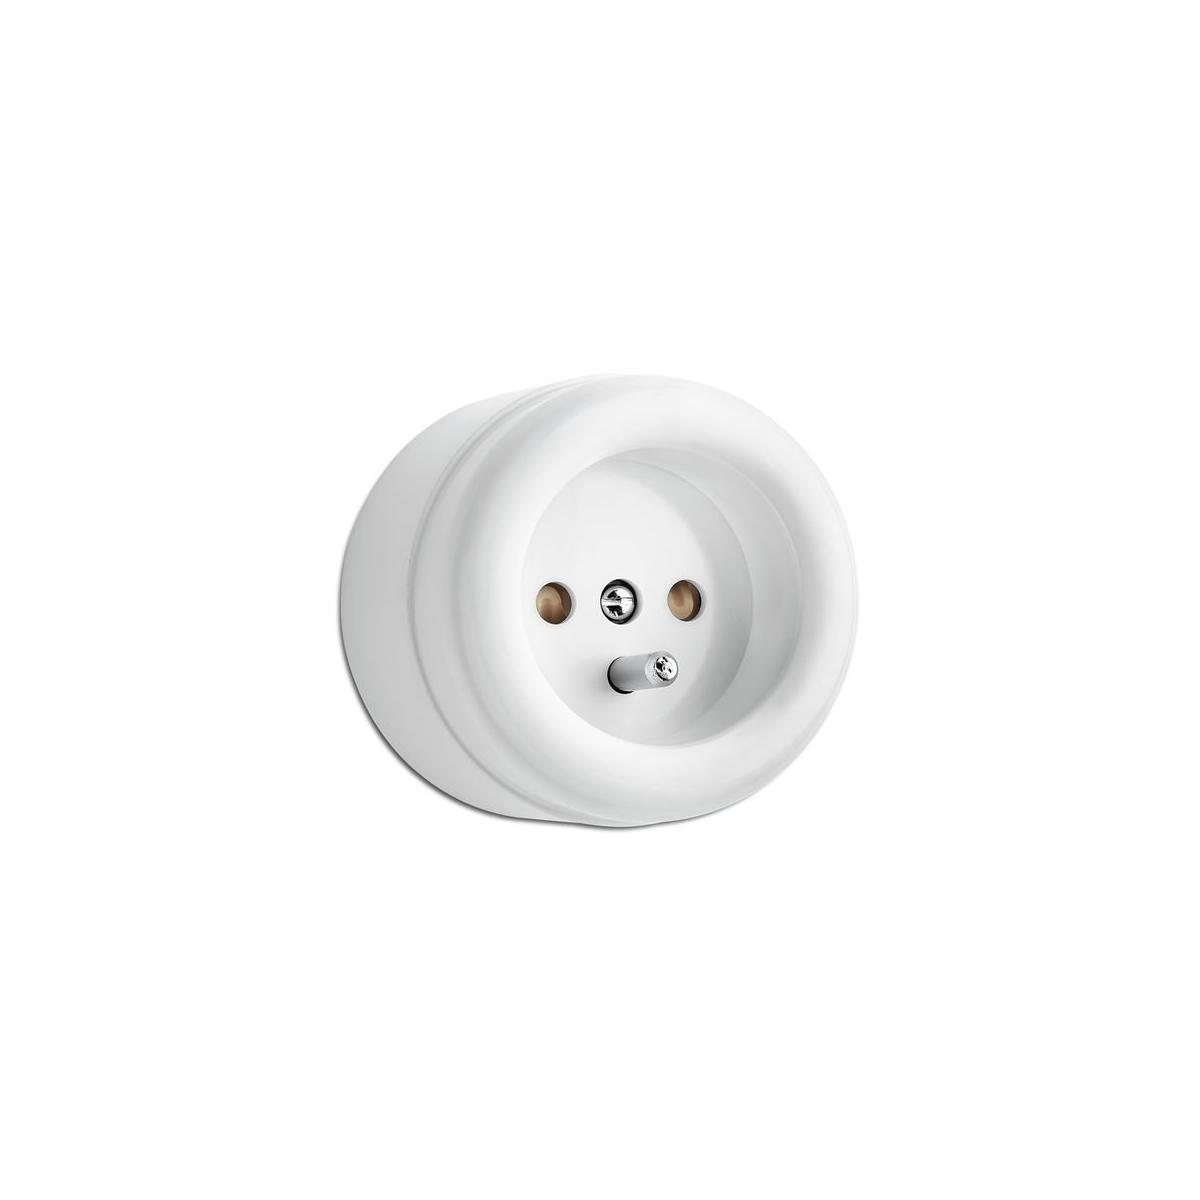 Gniazdo natynkowe z/u THPG duroplast  biały (100062)